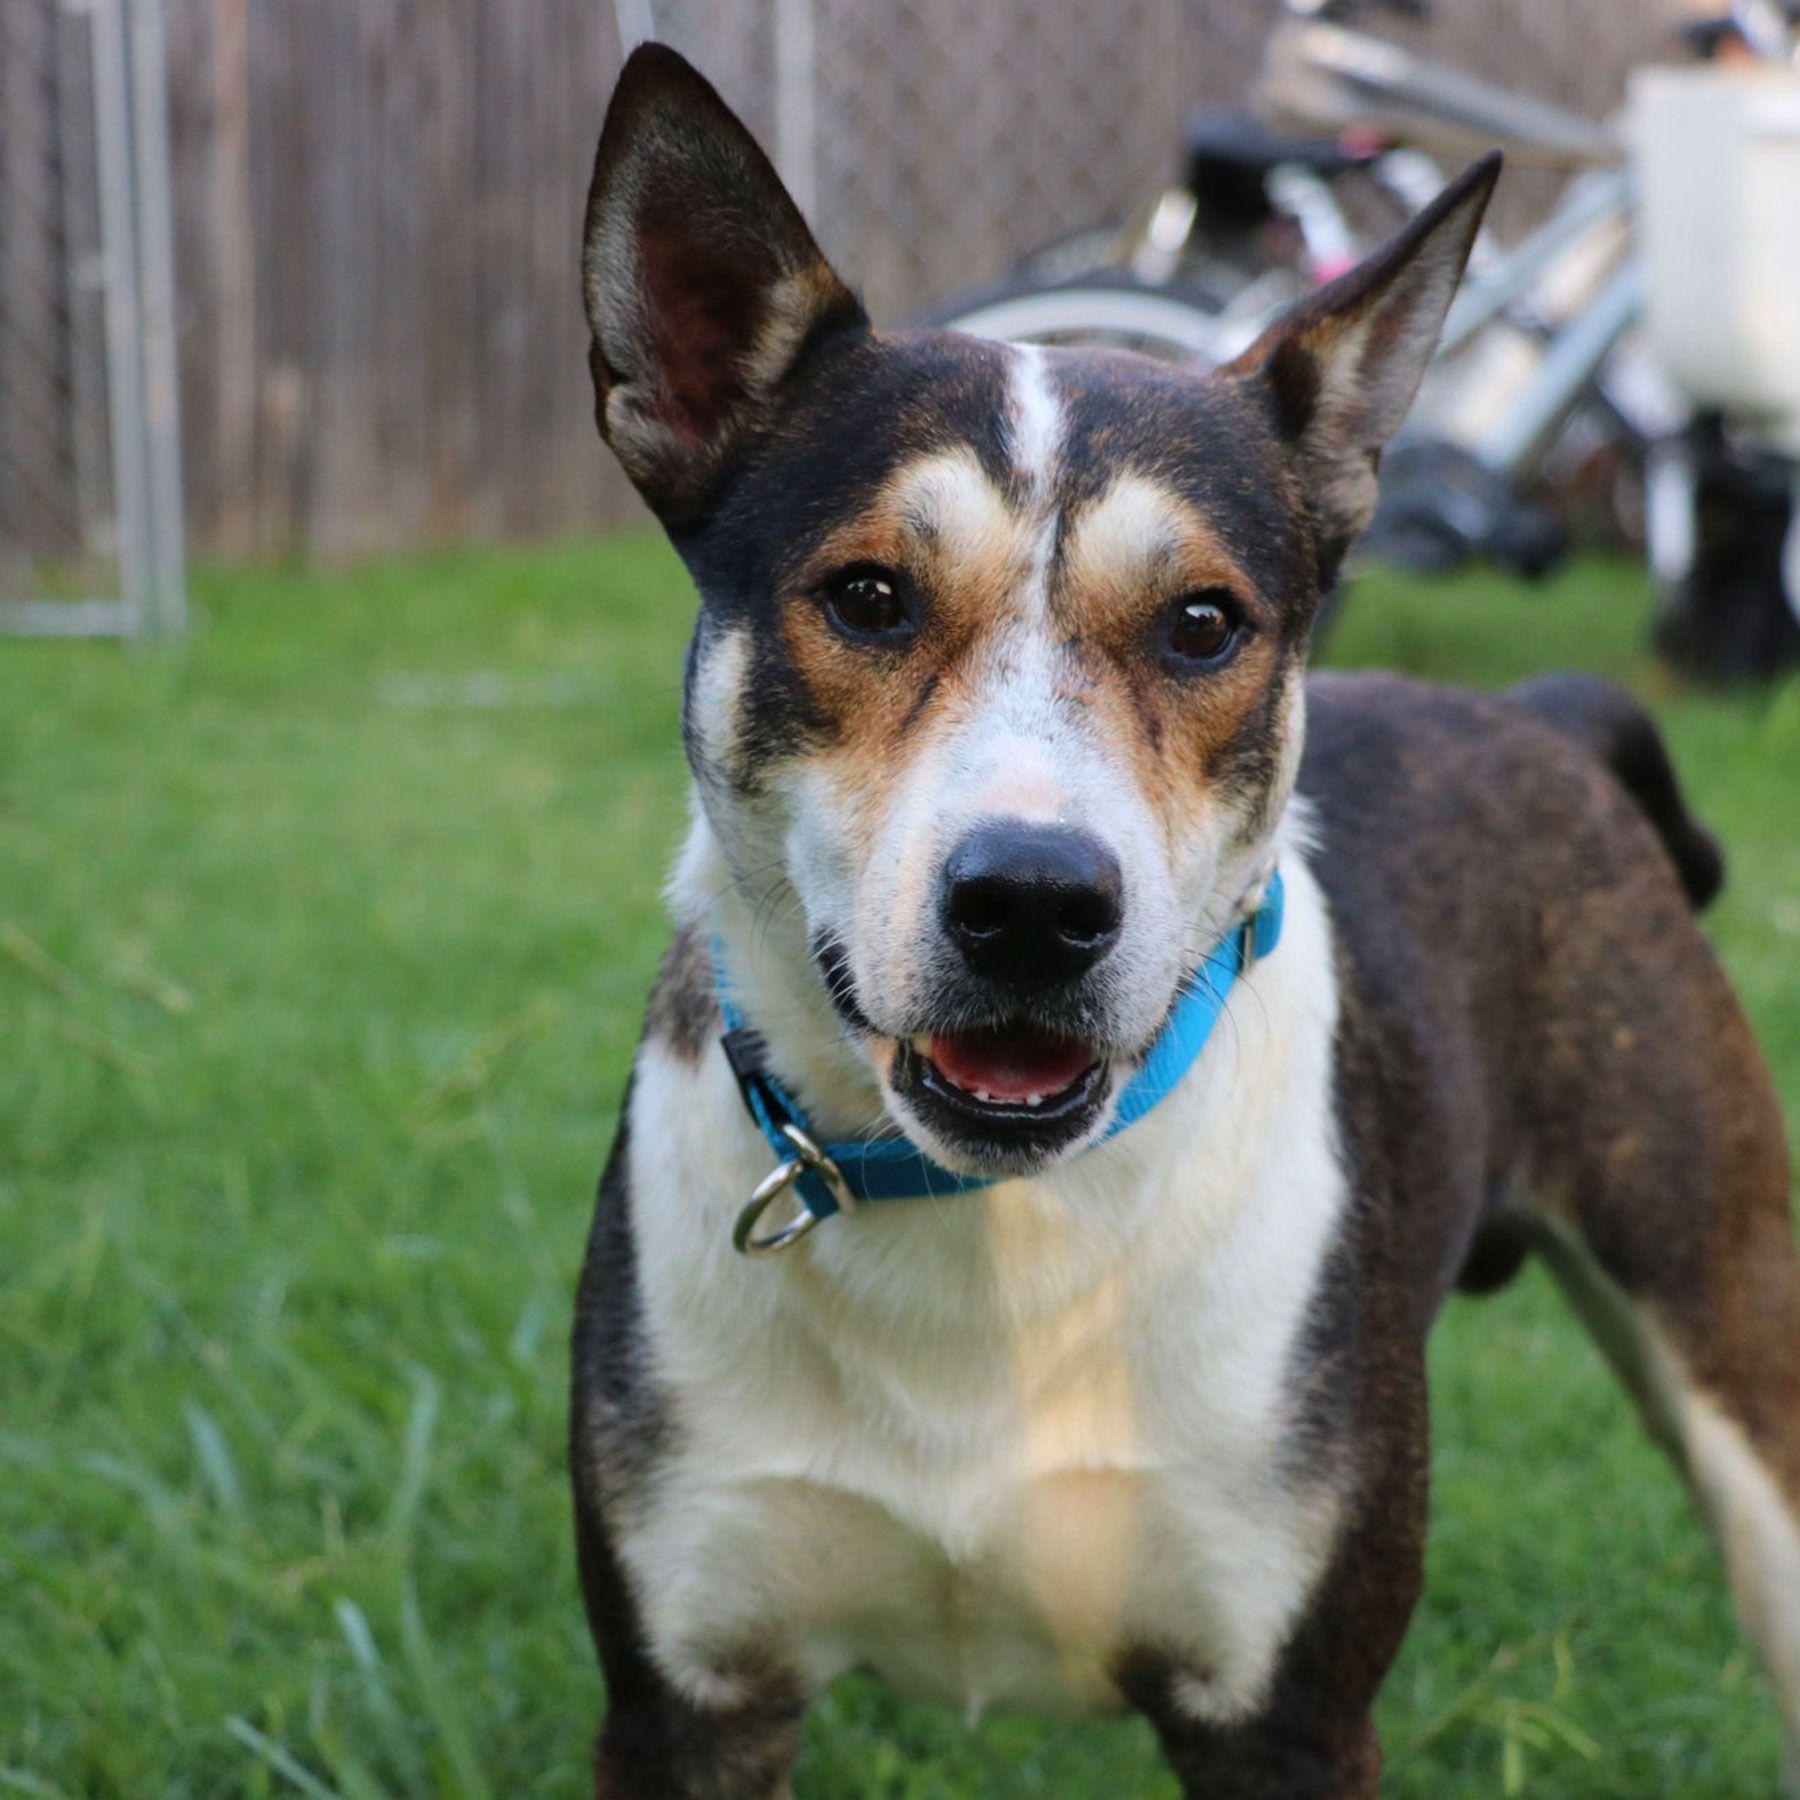 Dog survives botched euthanasia wakes up abandoned and